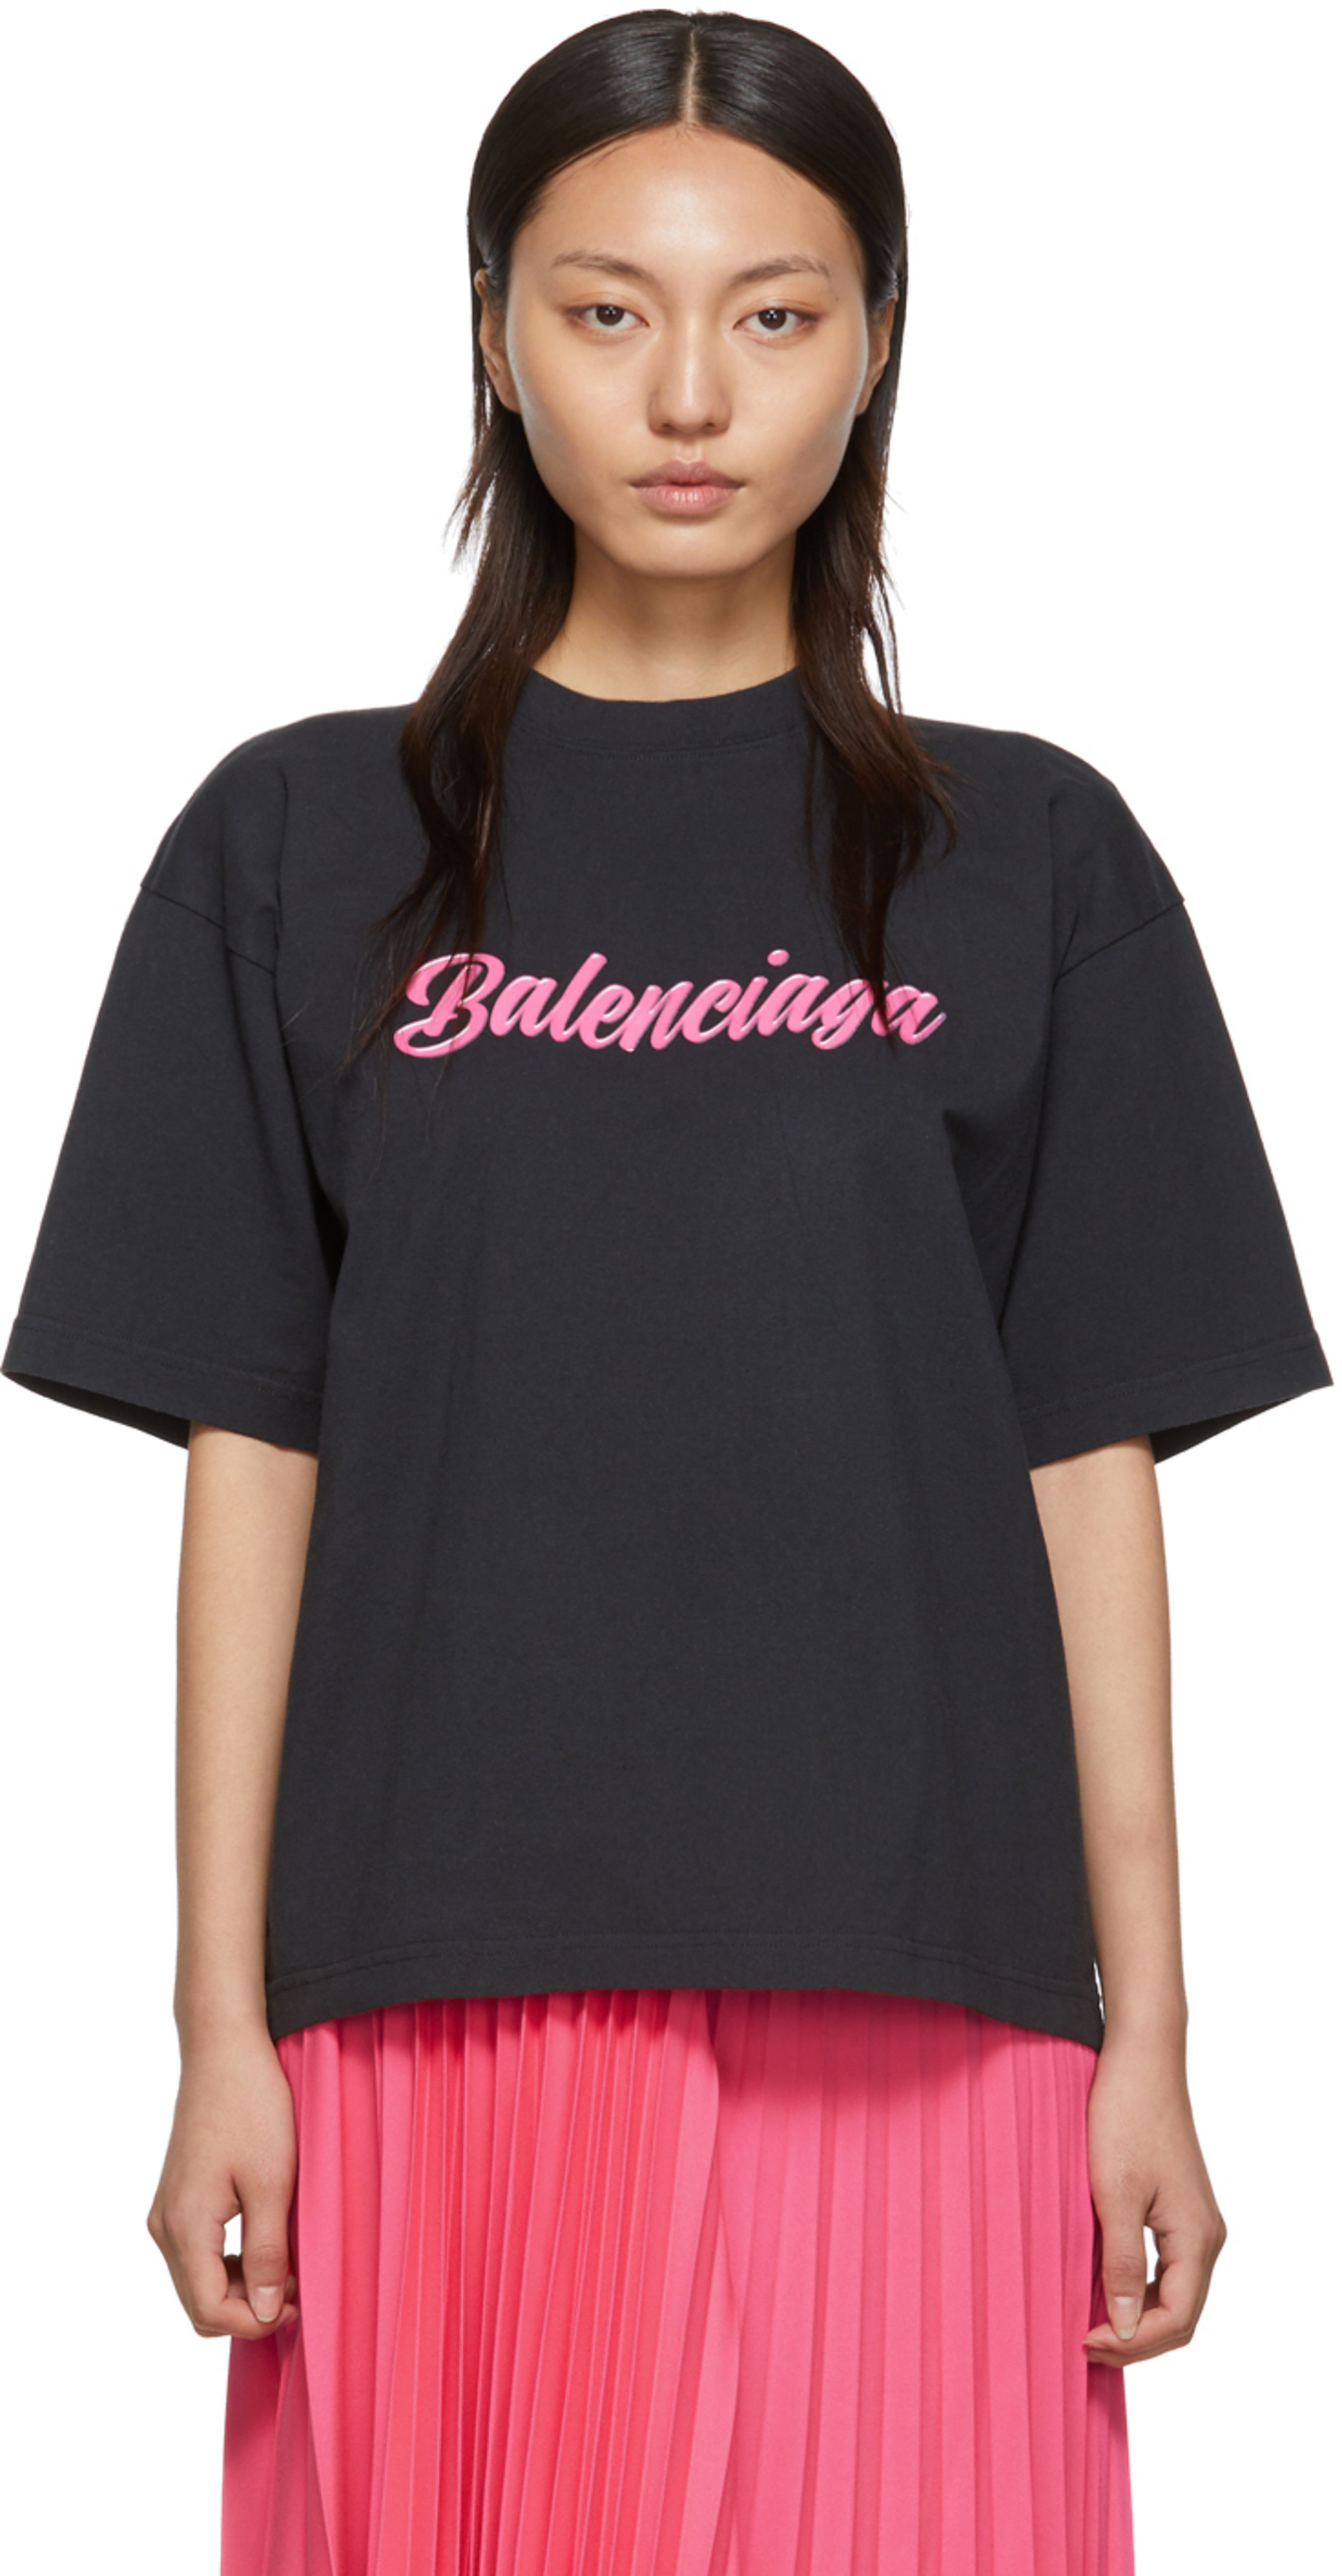 6d55e6a2d7be Balenciaga for Women FW19 Collection | SSENSE